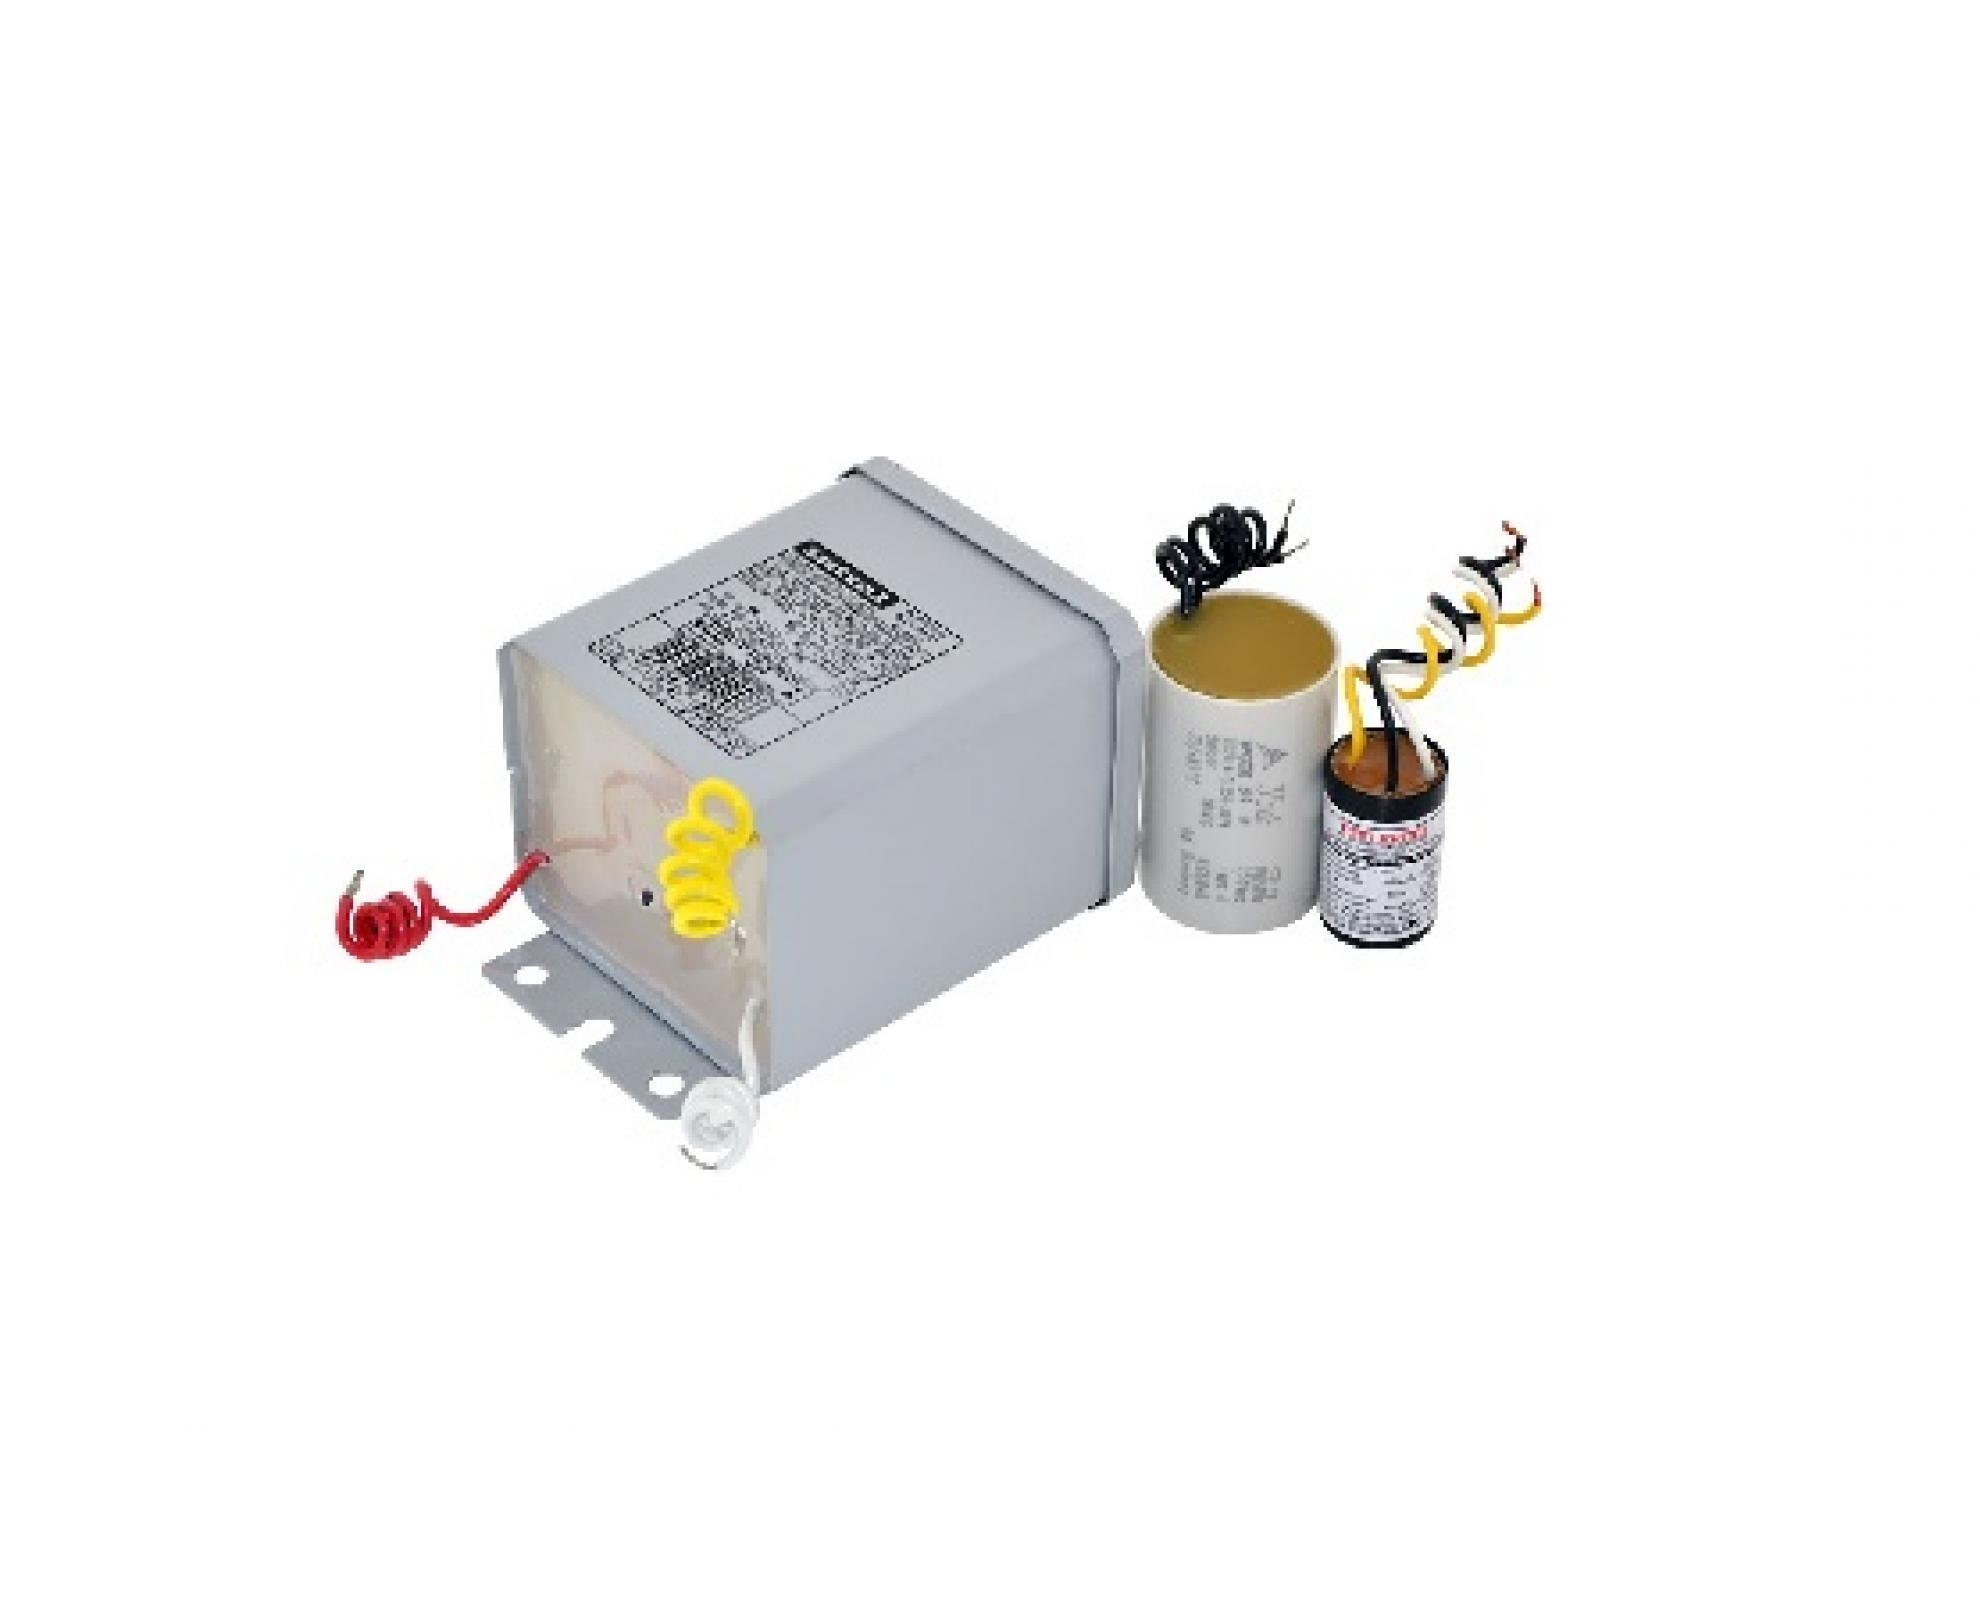 Reator vapor met�lico sodio interno 400W